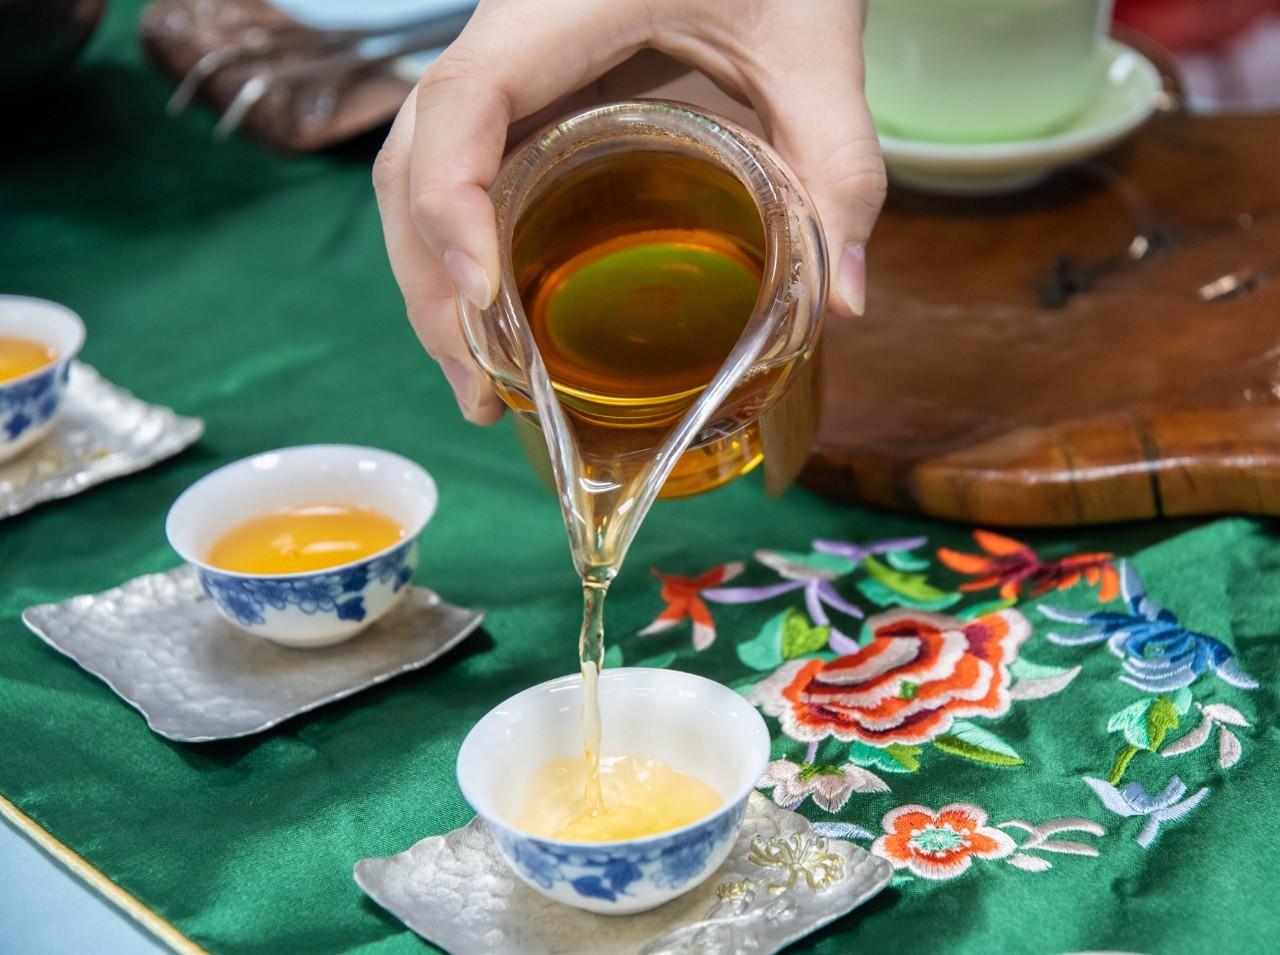 109年桃園市優質紅茶評鑑比賽頒獎,桃映紅茶品質再升級